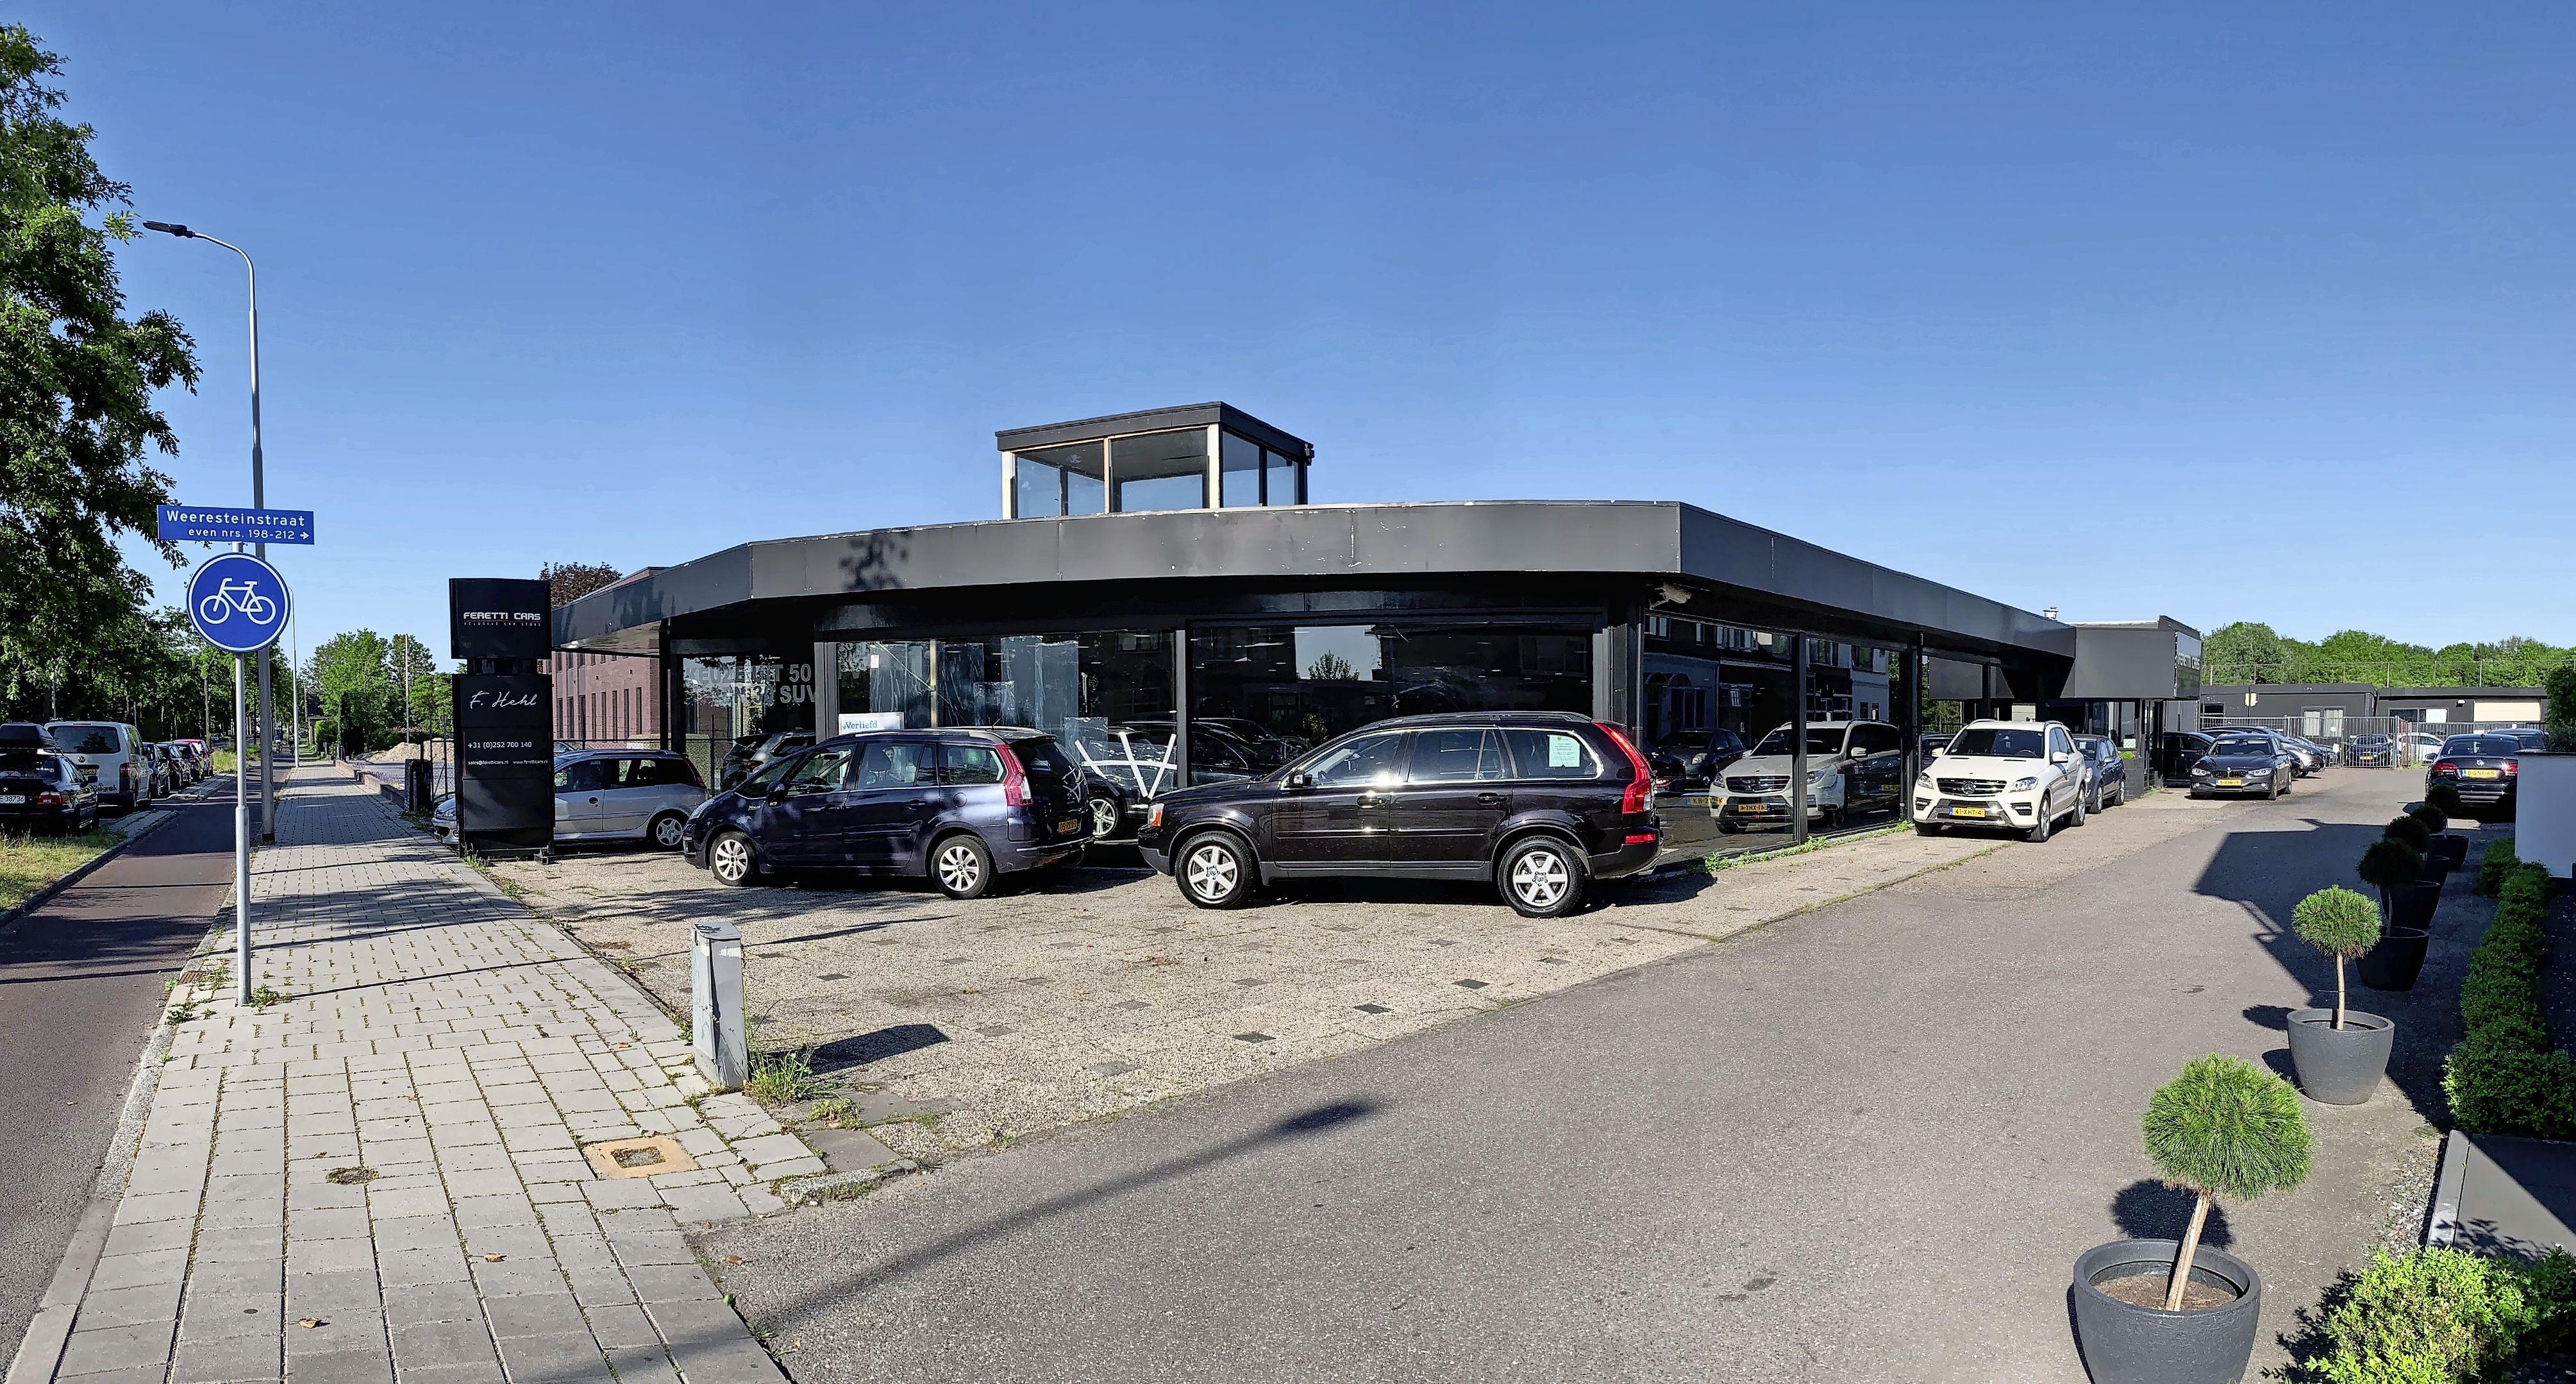 Hillegoms burgemeester sluit garagebedrijf Feretti Cars voor drie maanden na schietpartijen